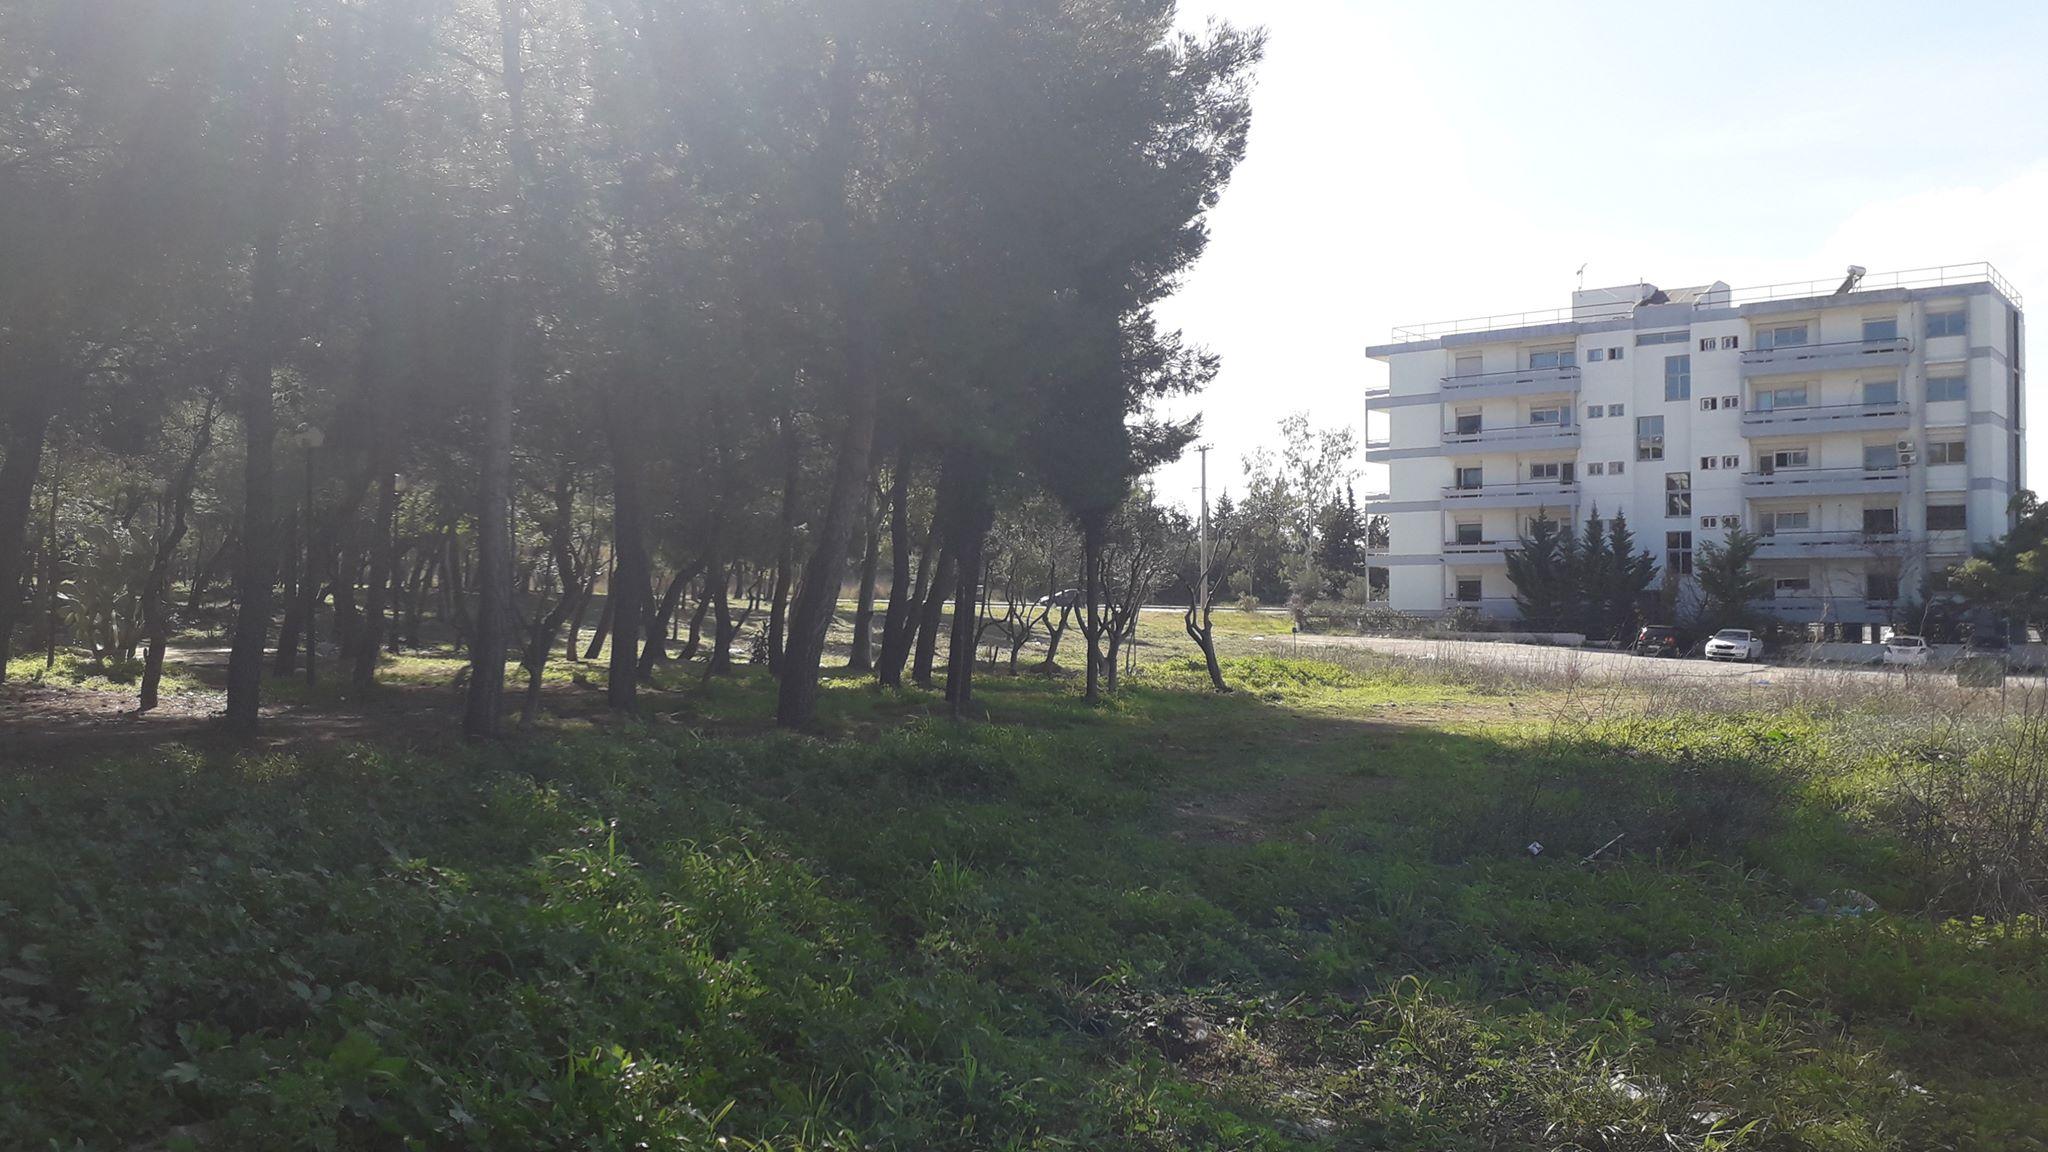 Δημήτρης Οικονόμου: Δράση καθαρισμού-εξωραϊσμού  στην περιοχή της οδού Πίνδου